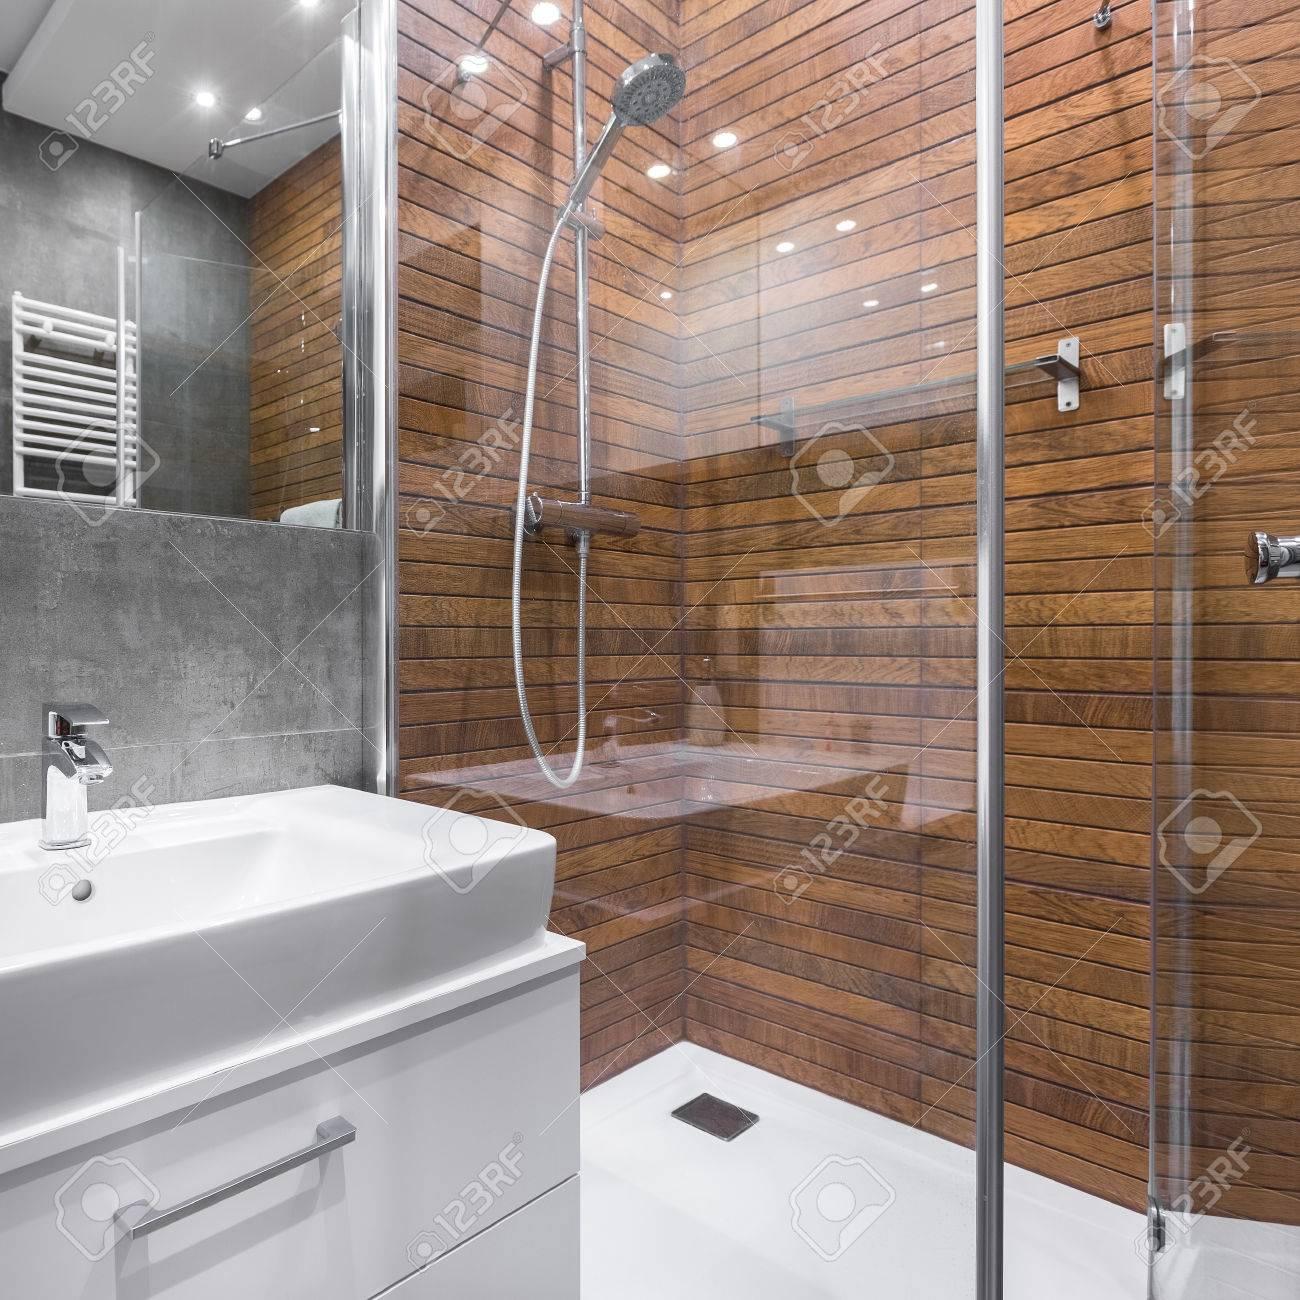 Moderne Badezimmer Mit Holzeffekt Dusche, Spiegel Und Weißen ...